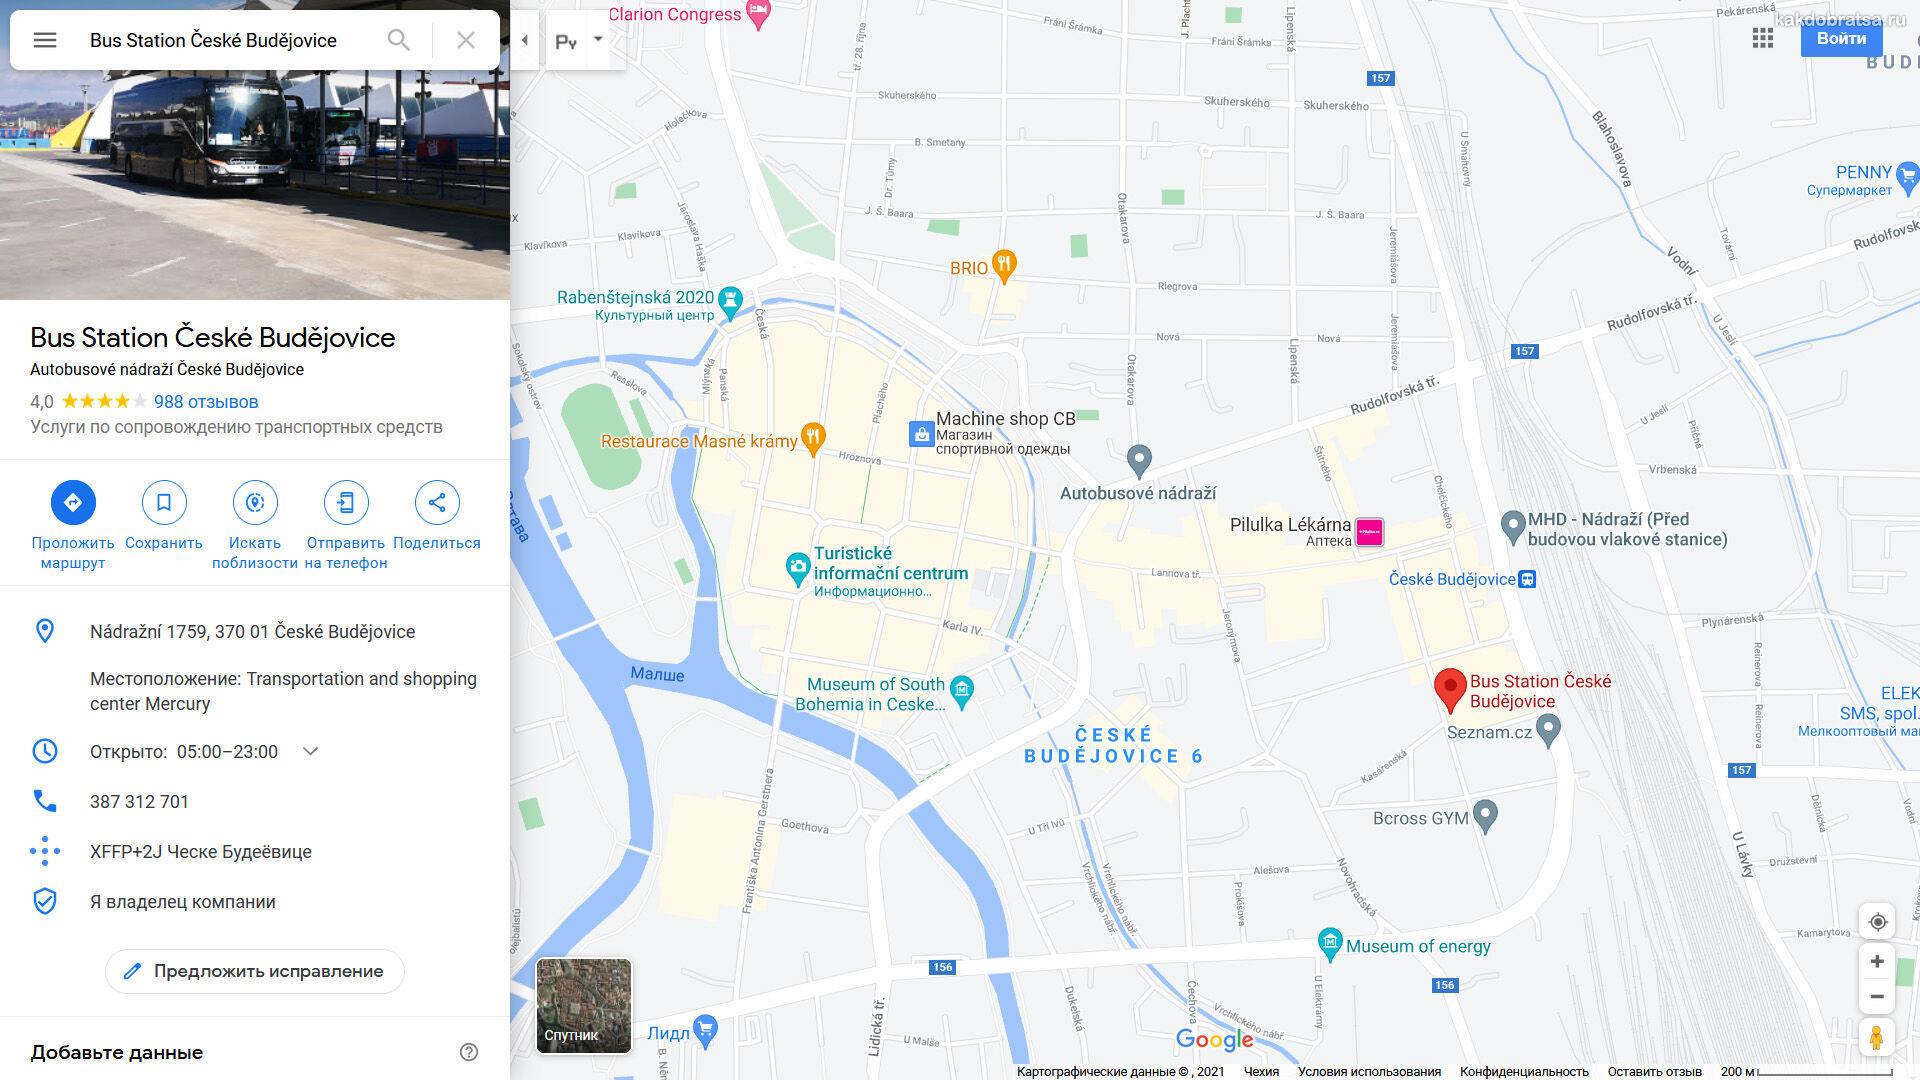 Автовокзал Ческе Будеёвице где находится на карте и расстояние